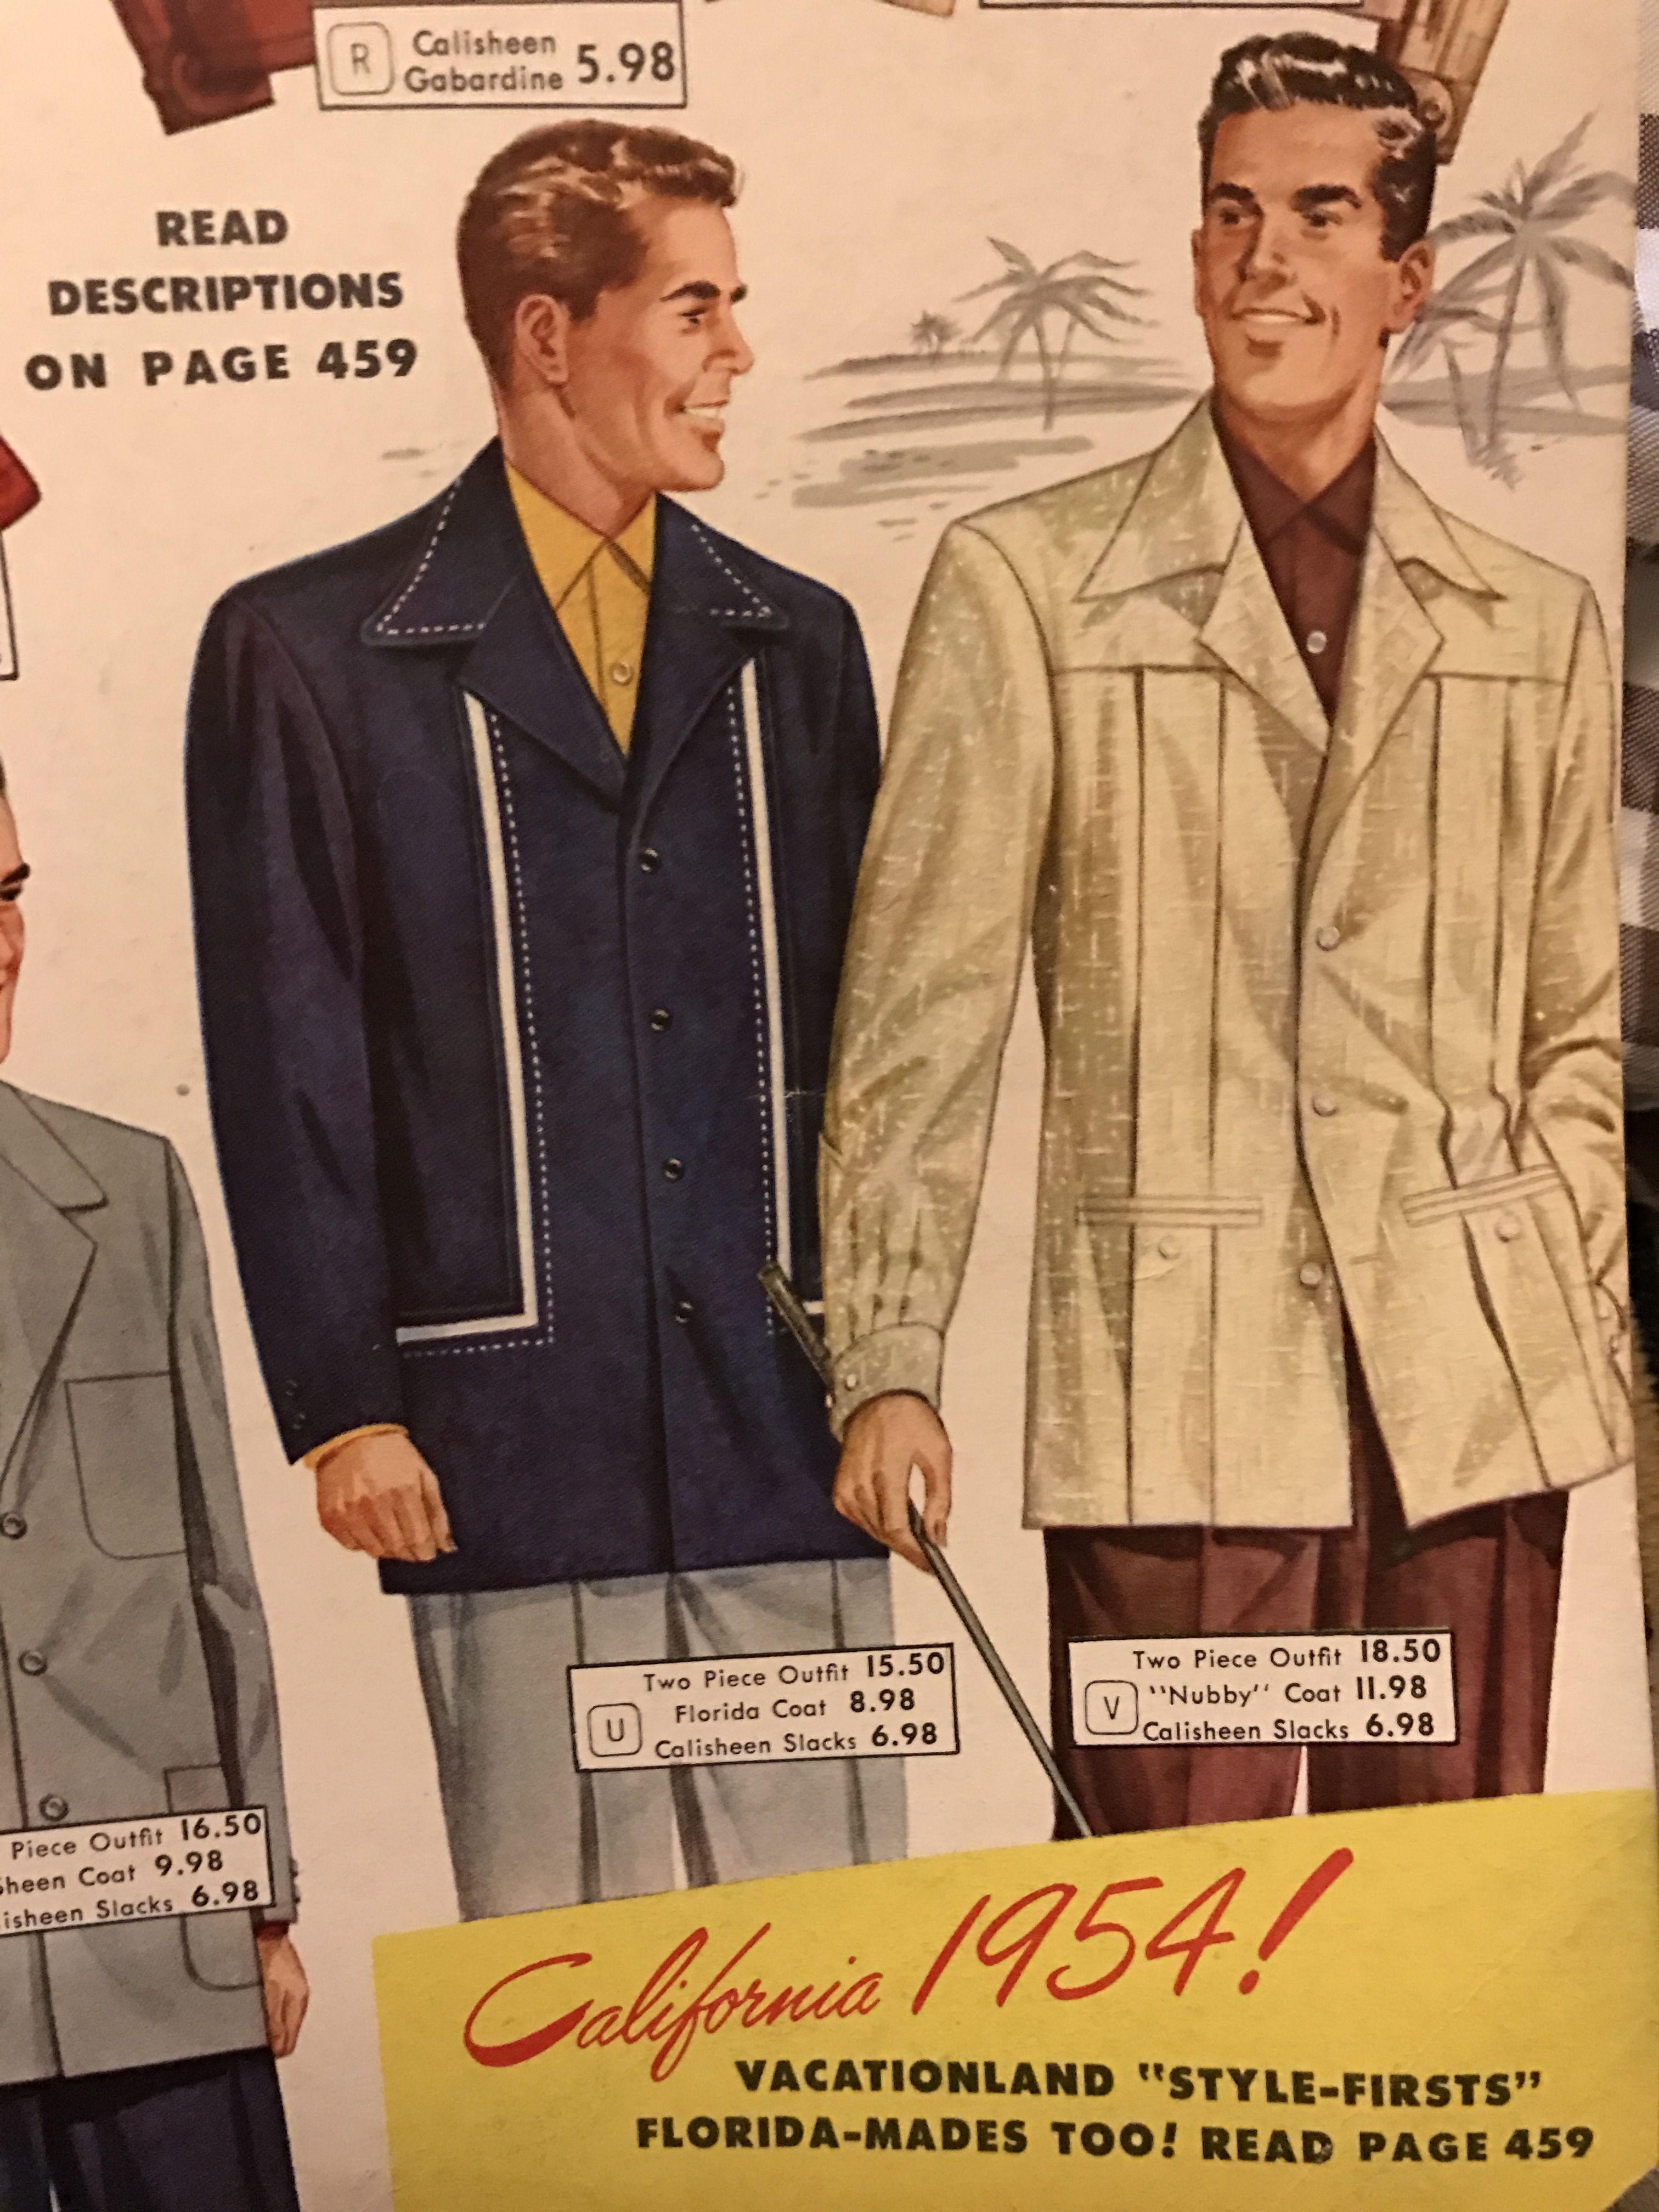 Aldens Catalog 1954 With Images Vintage Clothing Men Vintage